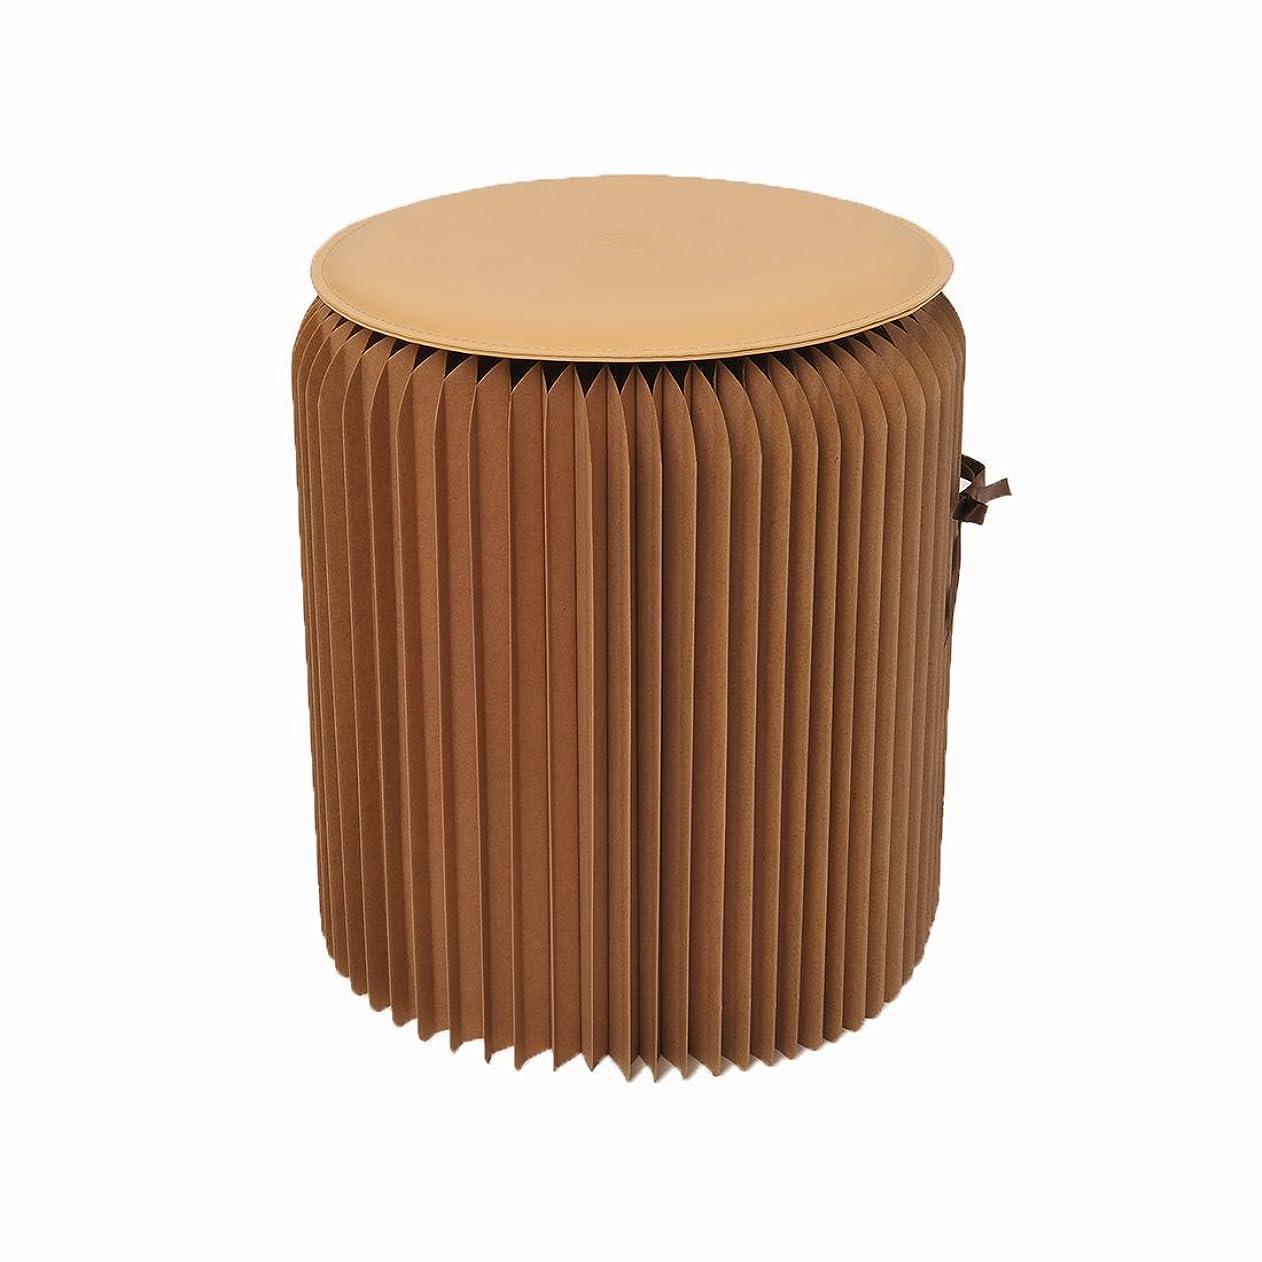 安息スキニー薄汚いOSOYOO(オソヨー) 紙製 スツール 防水 耐荷重300キロ 室内装飾やオフィス、アウトドア活動用折りたたみチェア 丸 北欧風 クッション付き (茶色)